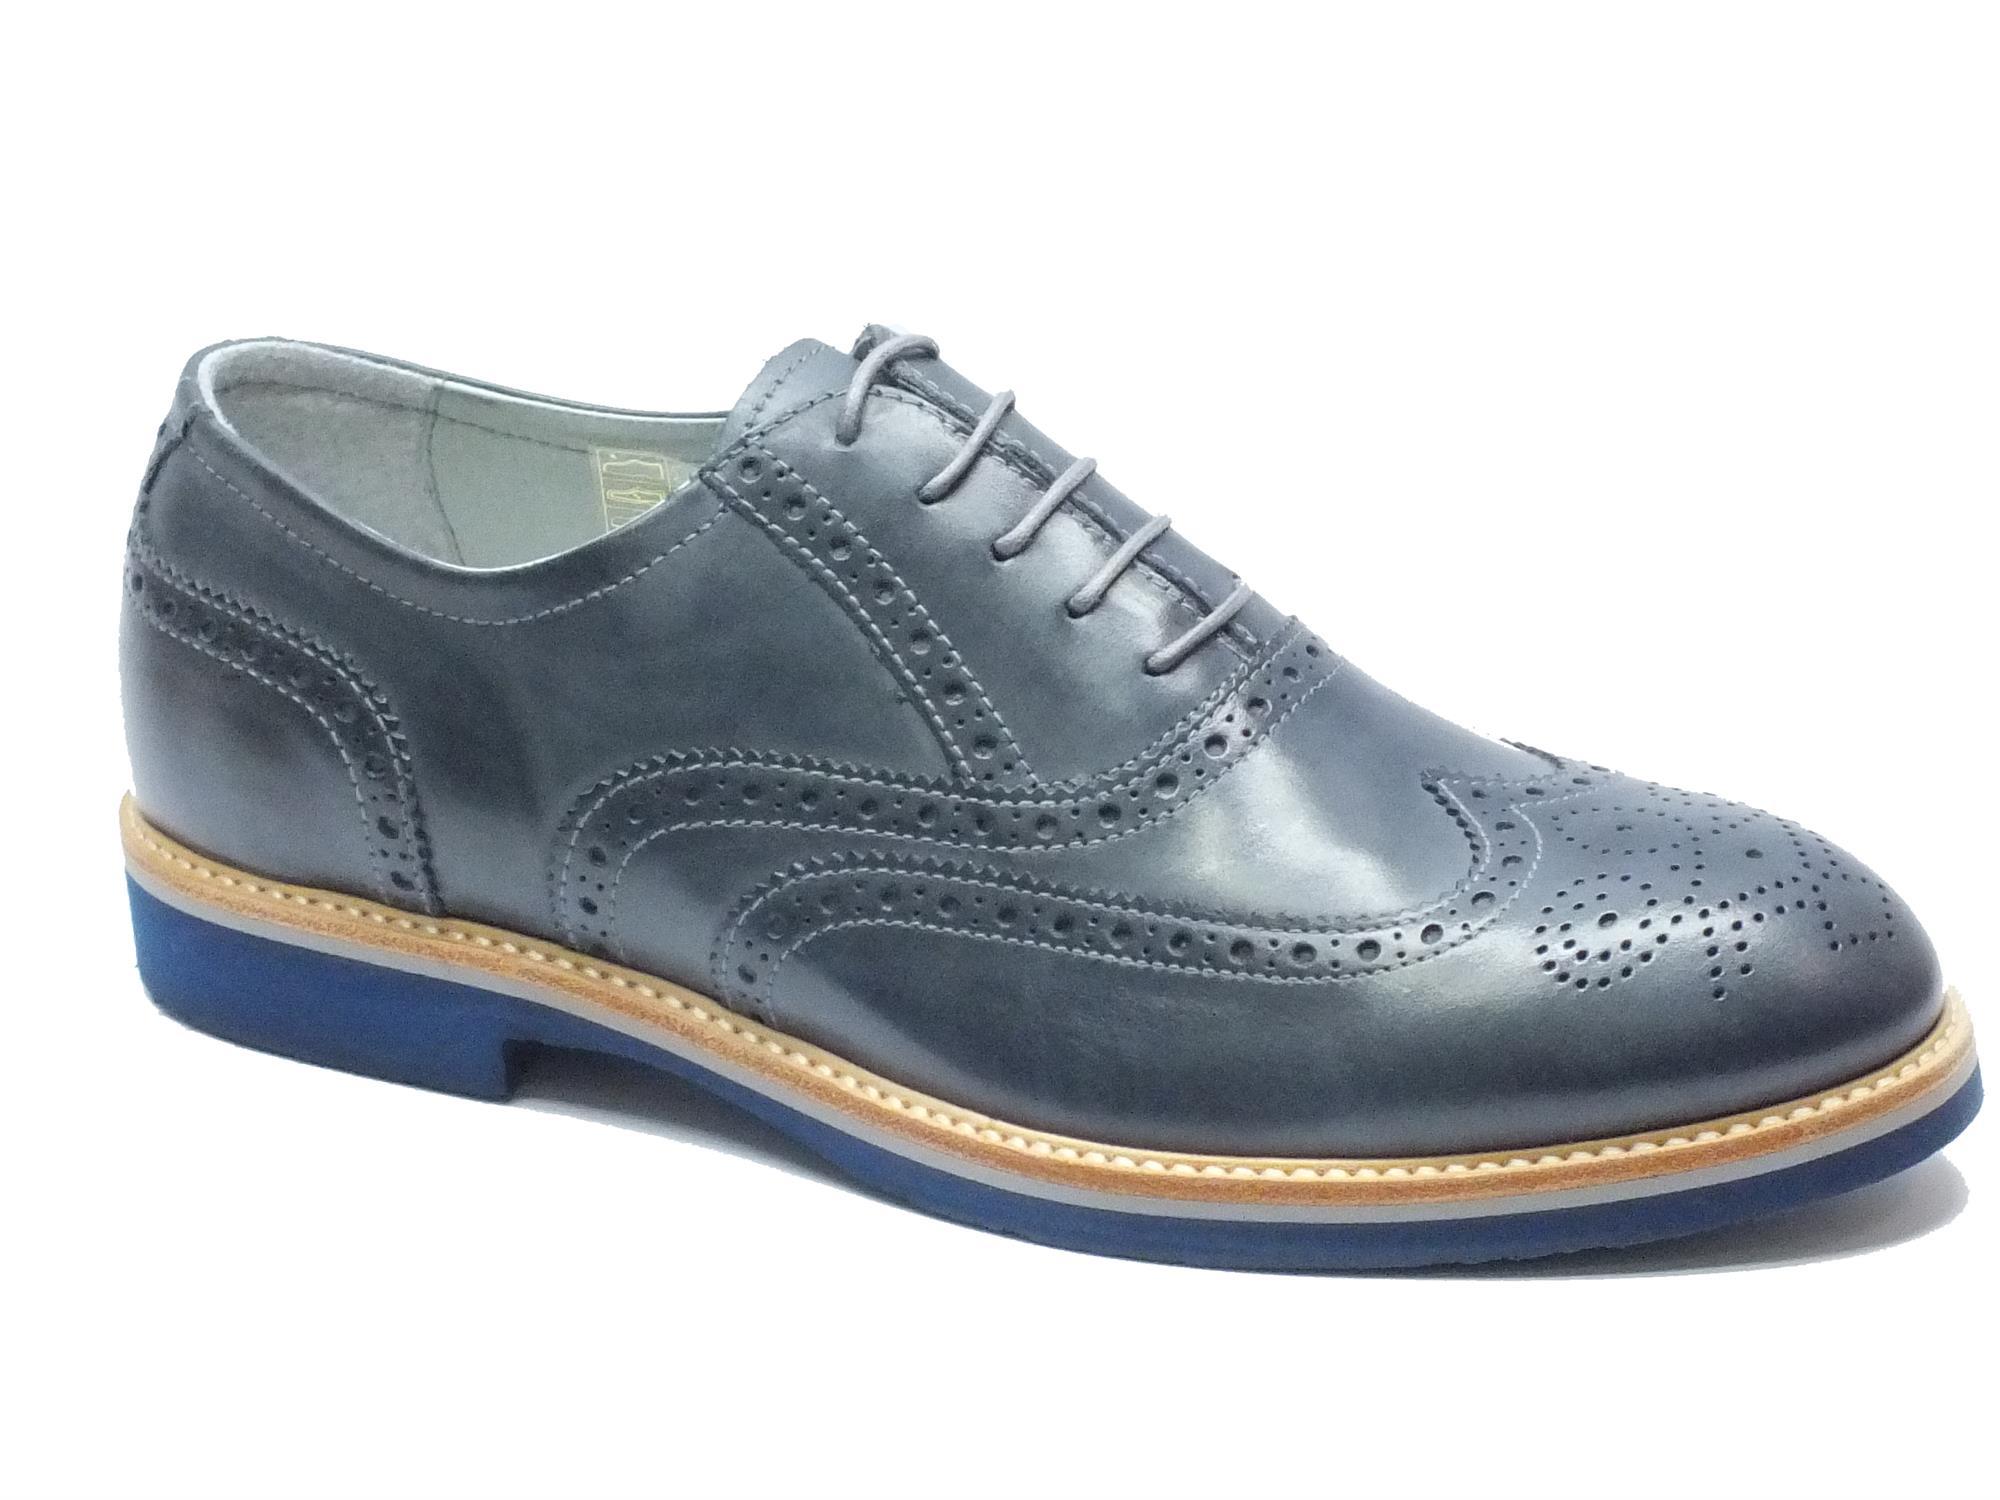 Scarpe nero giardini uomo modello classico pelle blu vitiello calzature - Scarpe sabot nero giardini ...